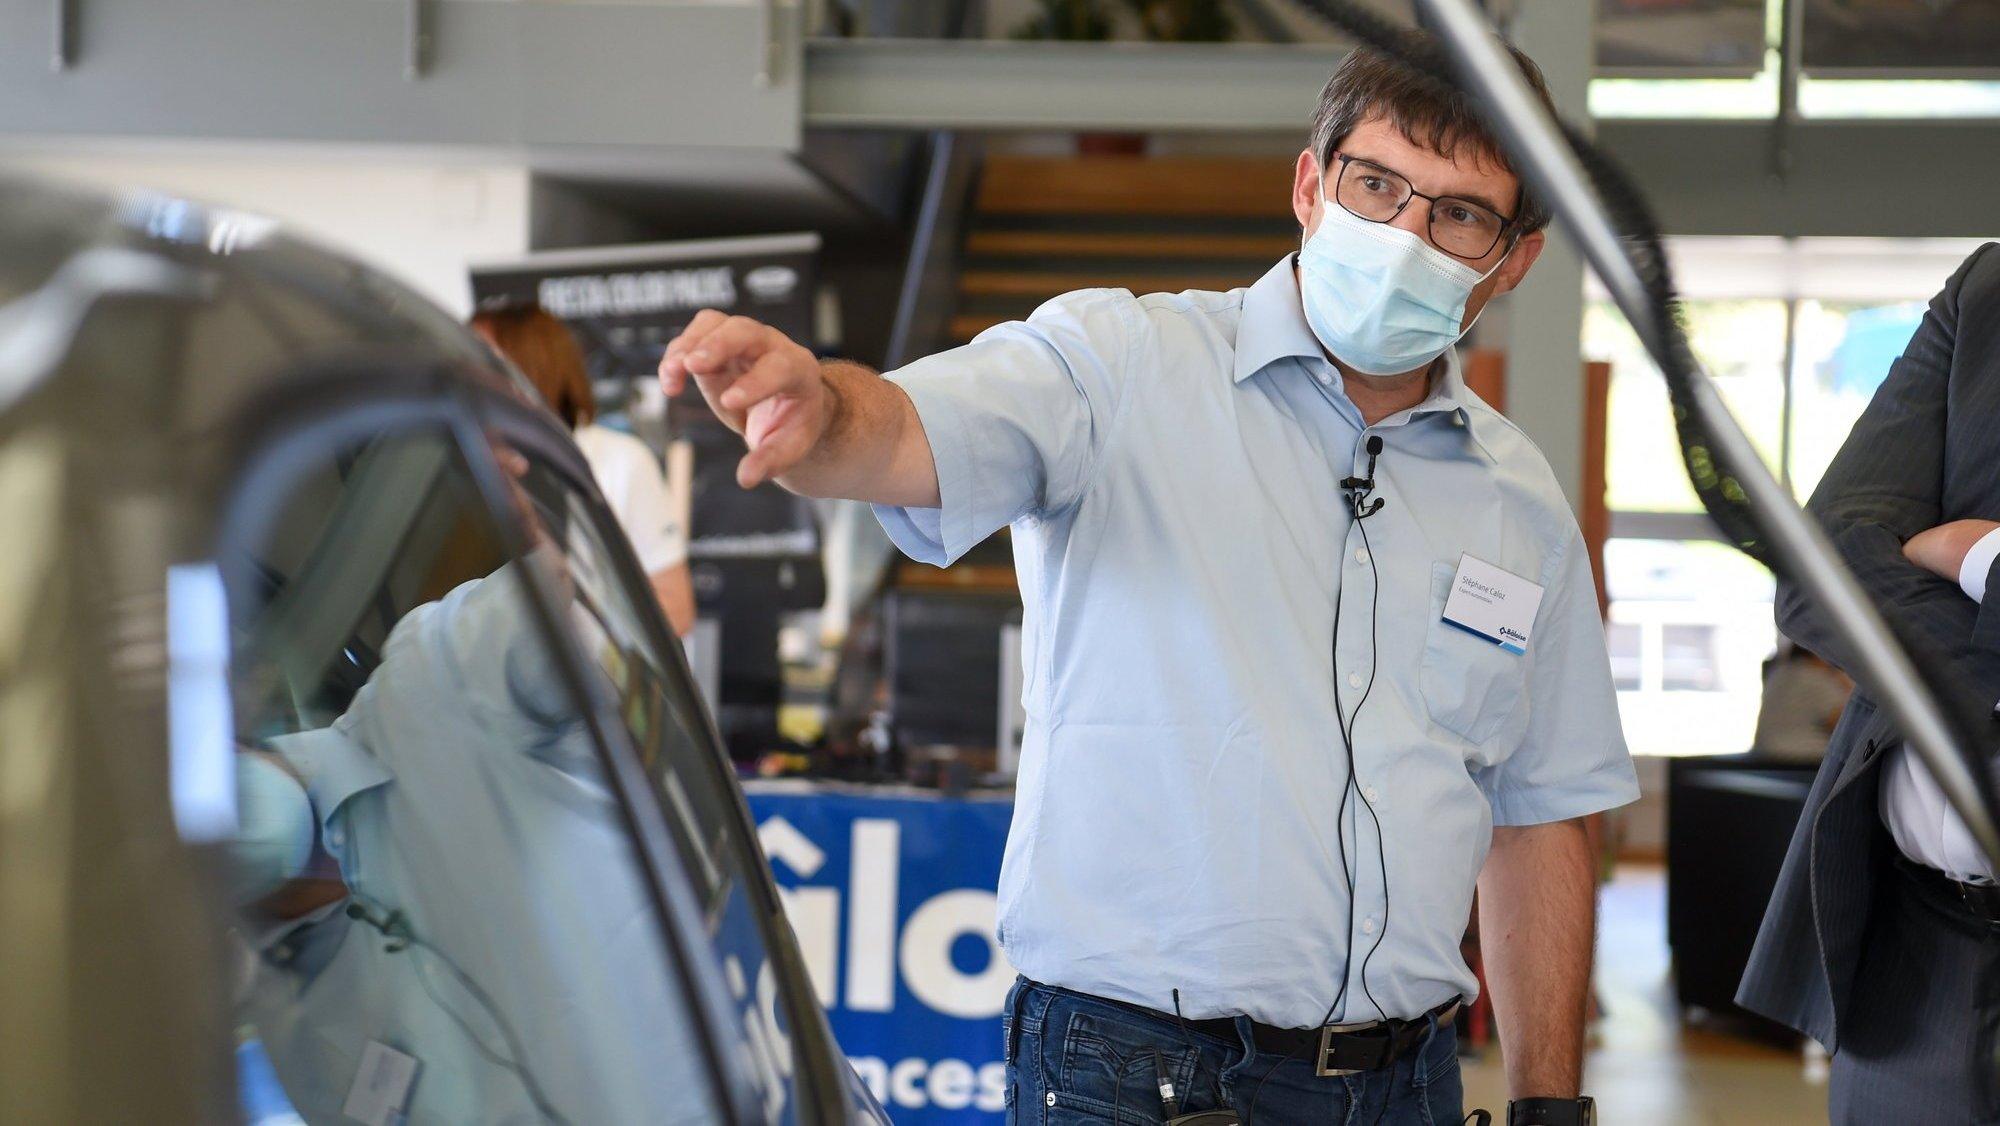 La Chaux-de-Fonds: réparable ou pas? Les voitures grêlées face aux experts